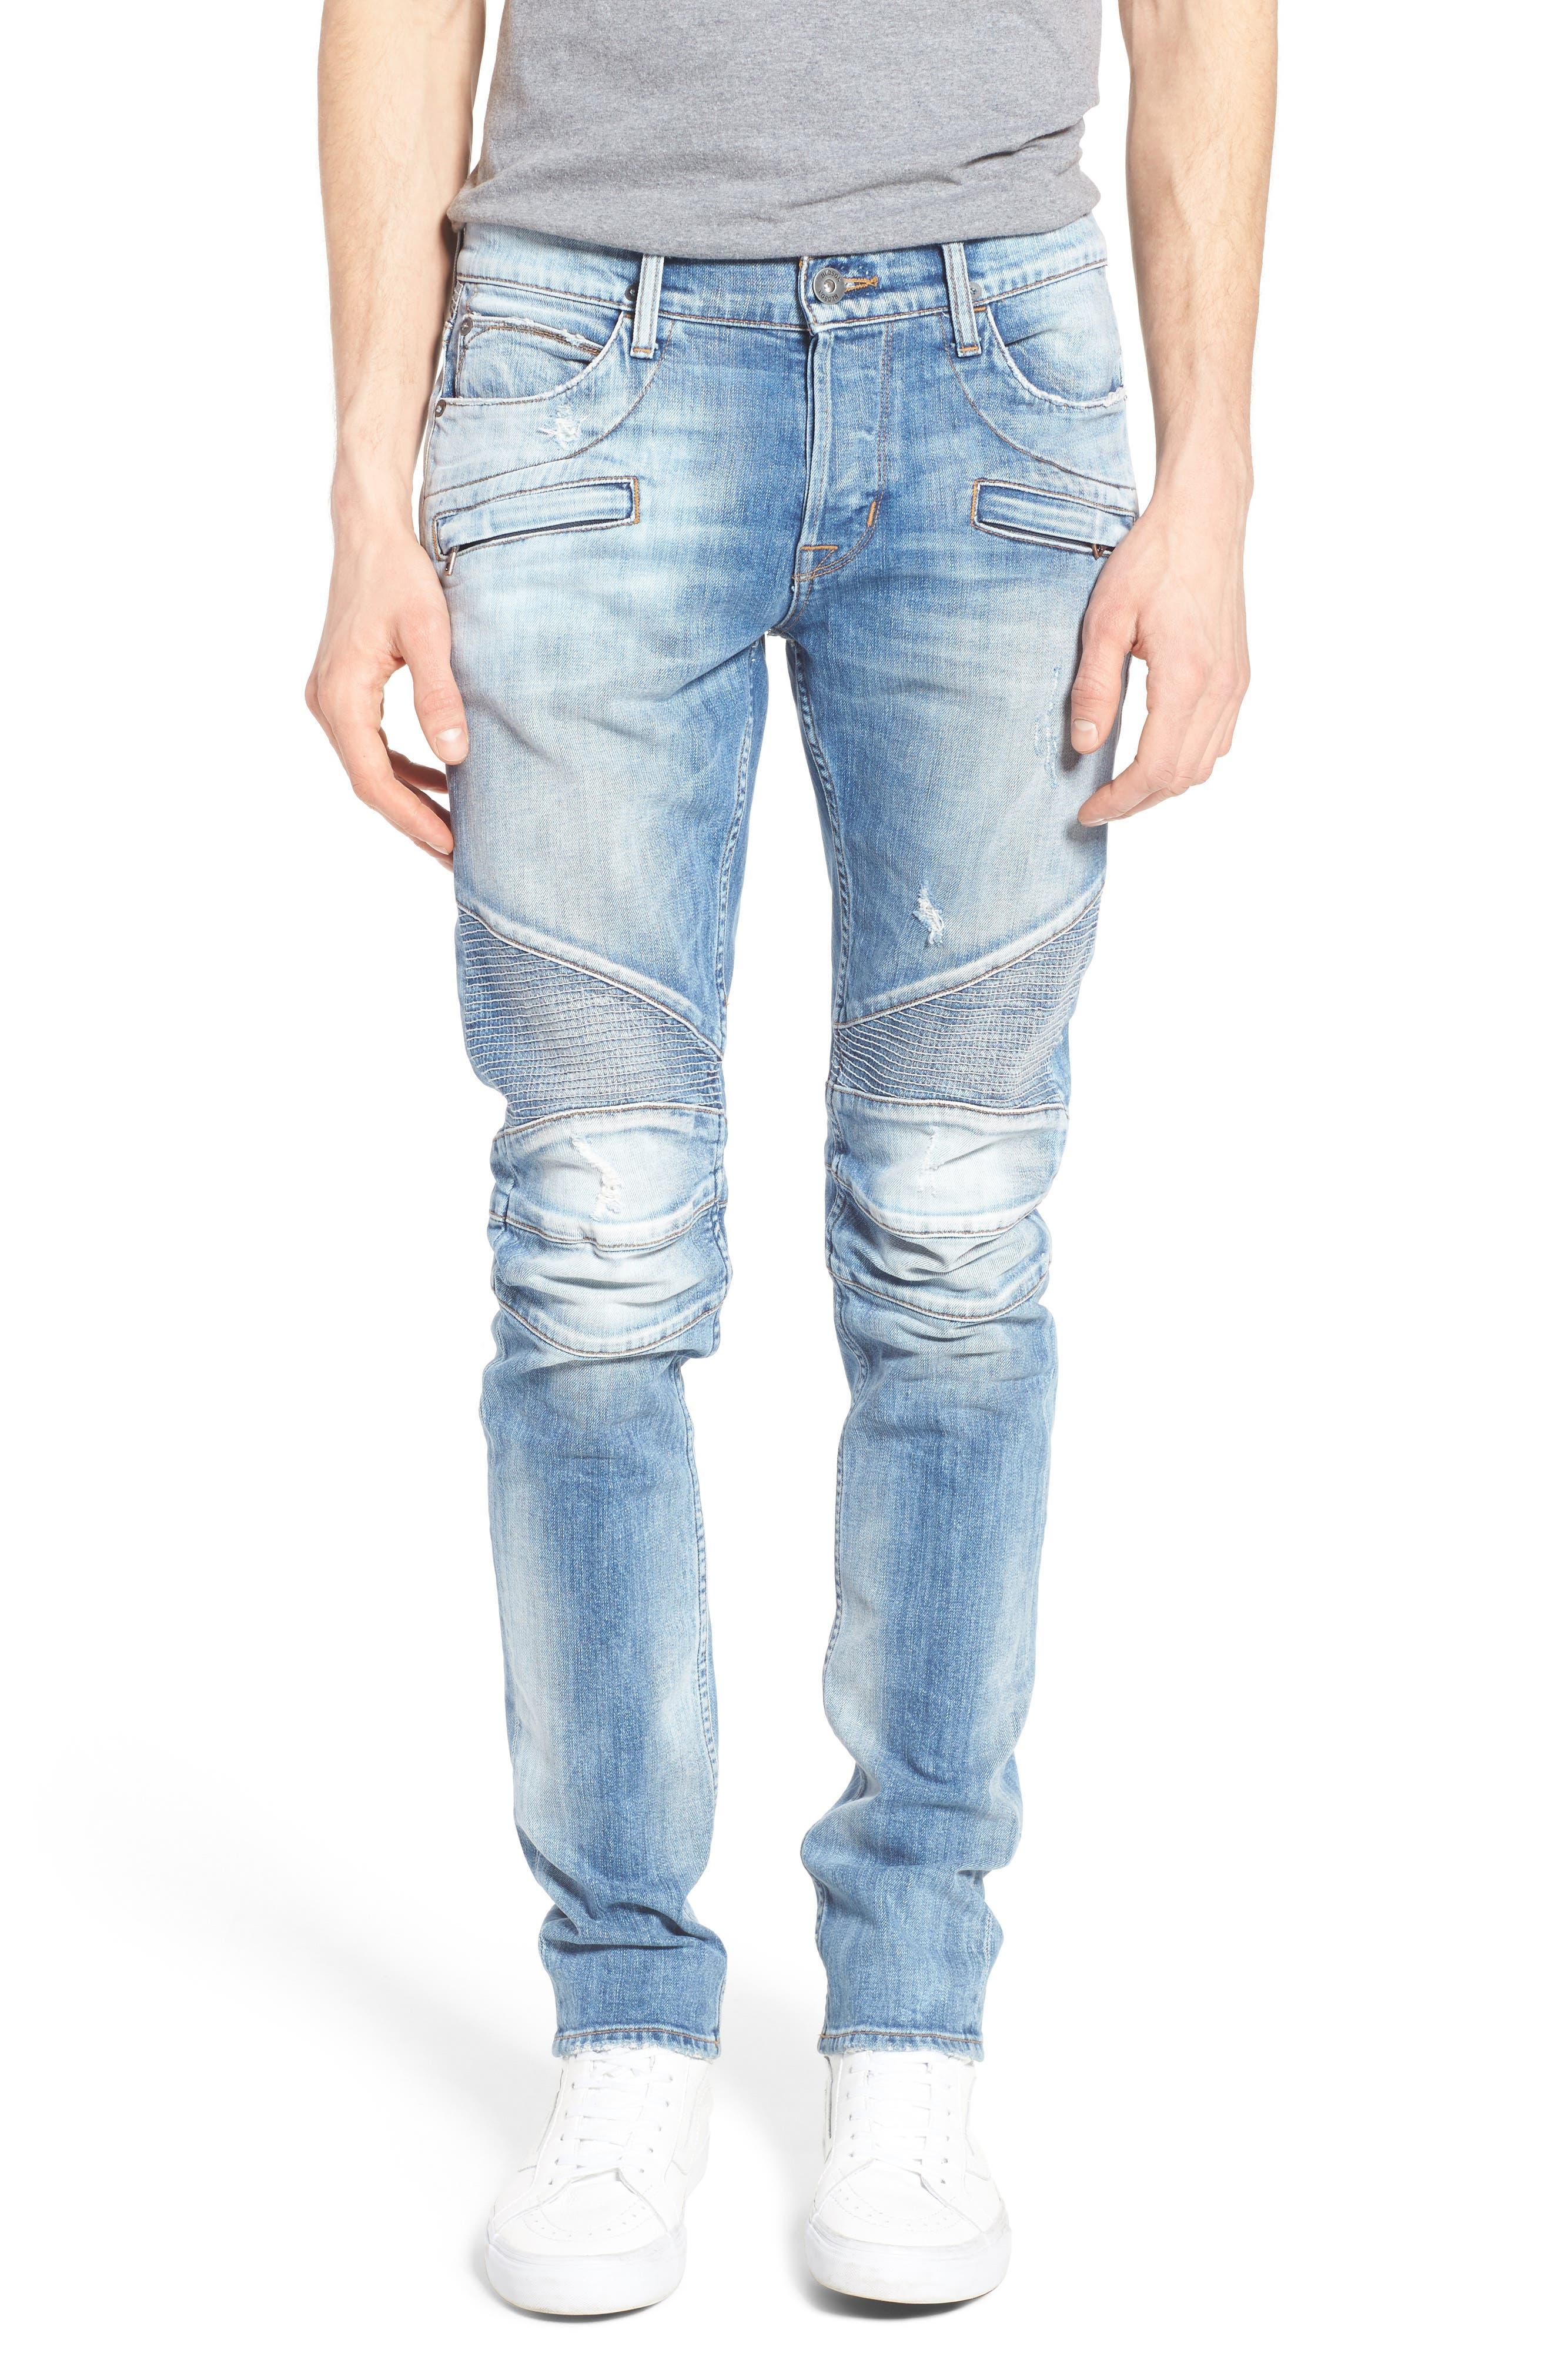 Blinder Skinny Fit Moto Jeans,                         Main,                         color, 429